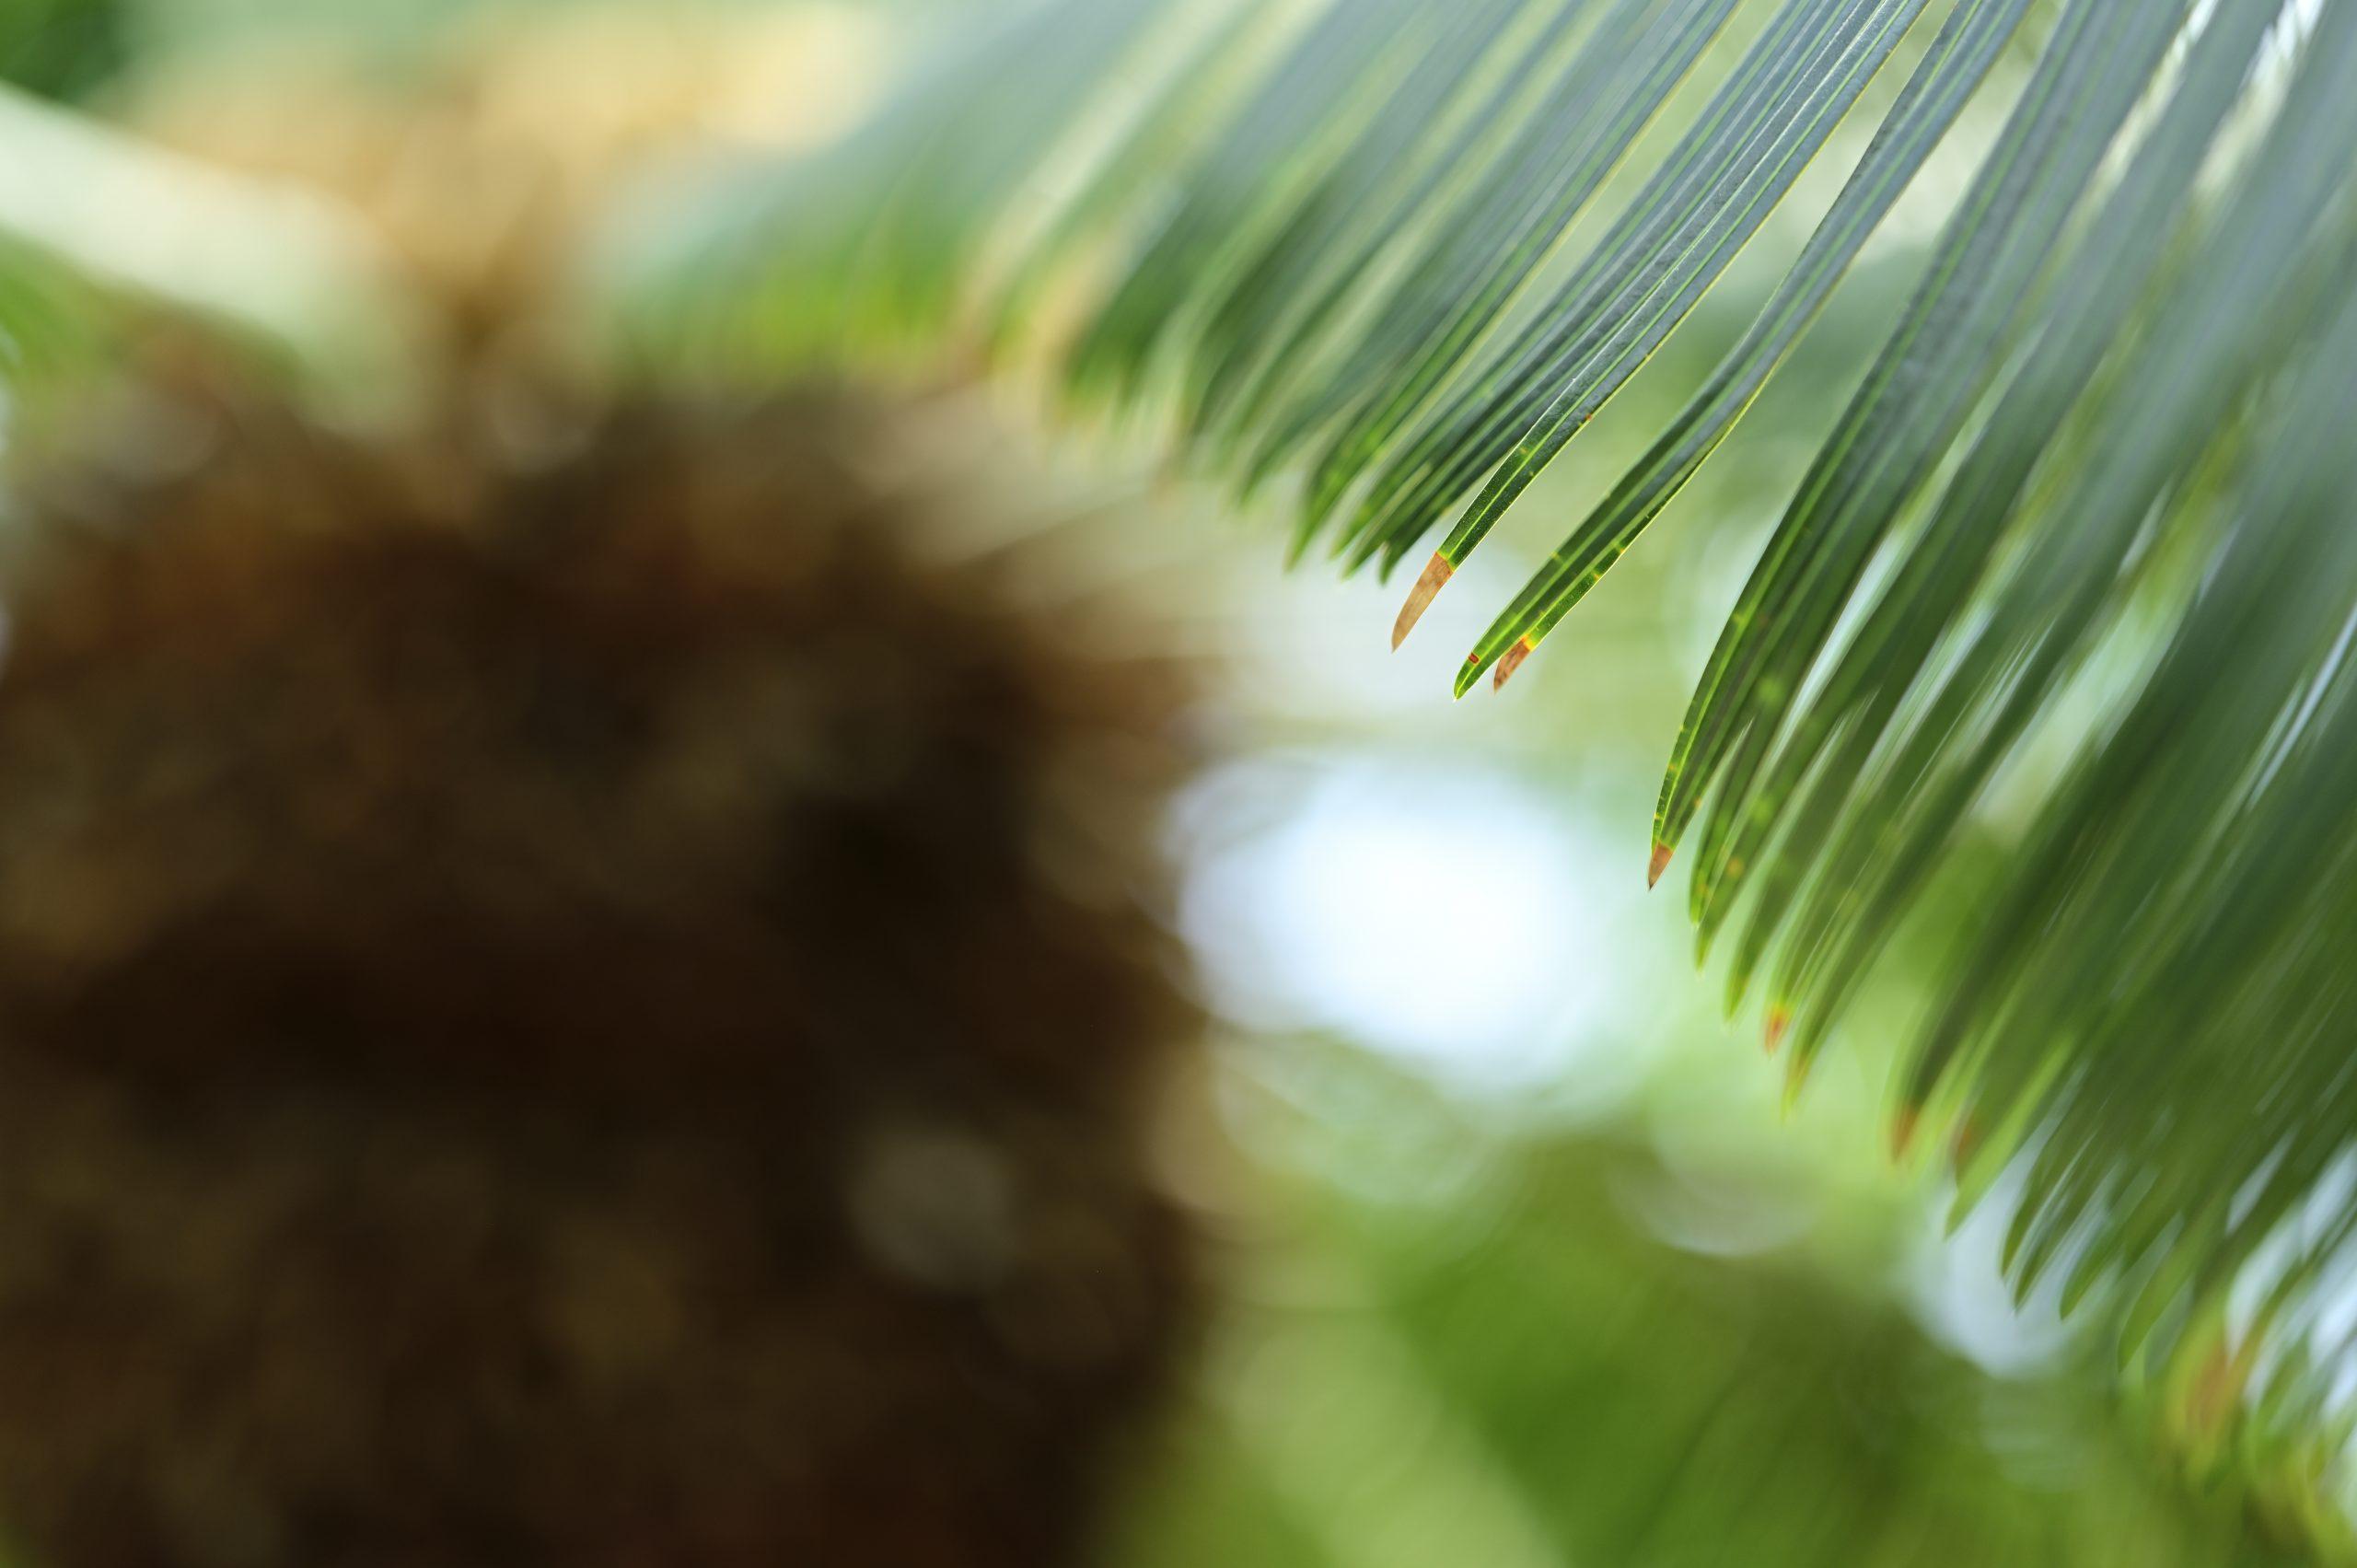 【Nikon】Z6×NIKKOR Z 85mm F1.8 Sで植物撮影